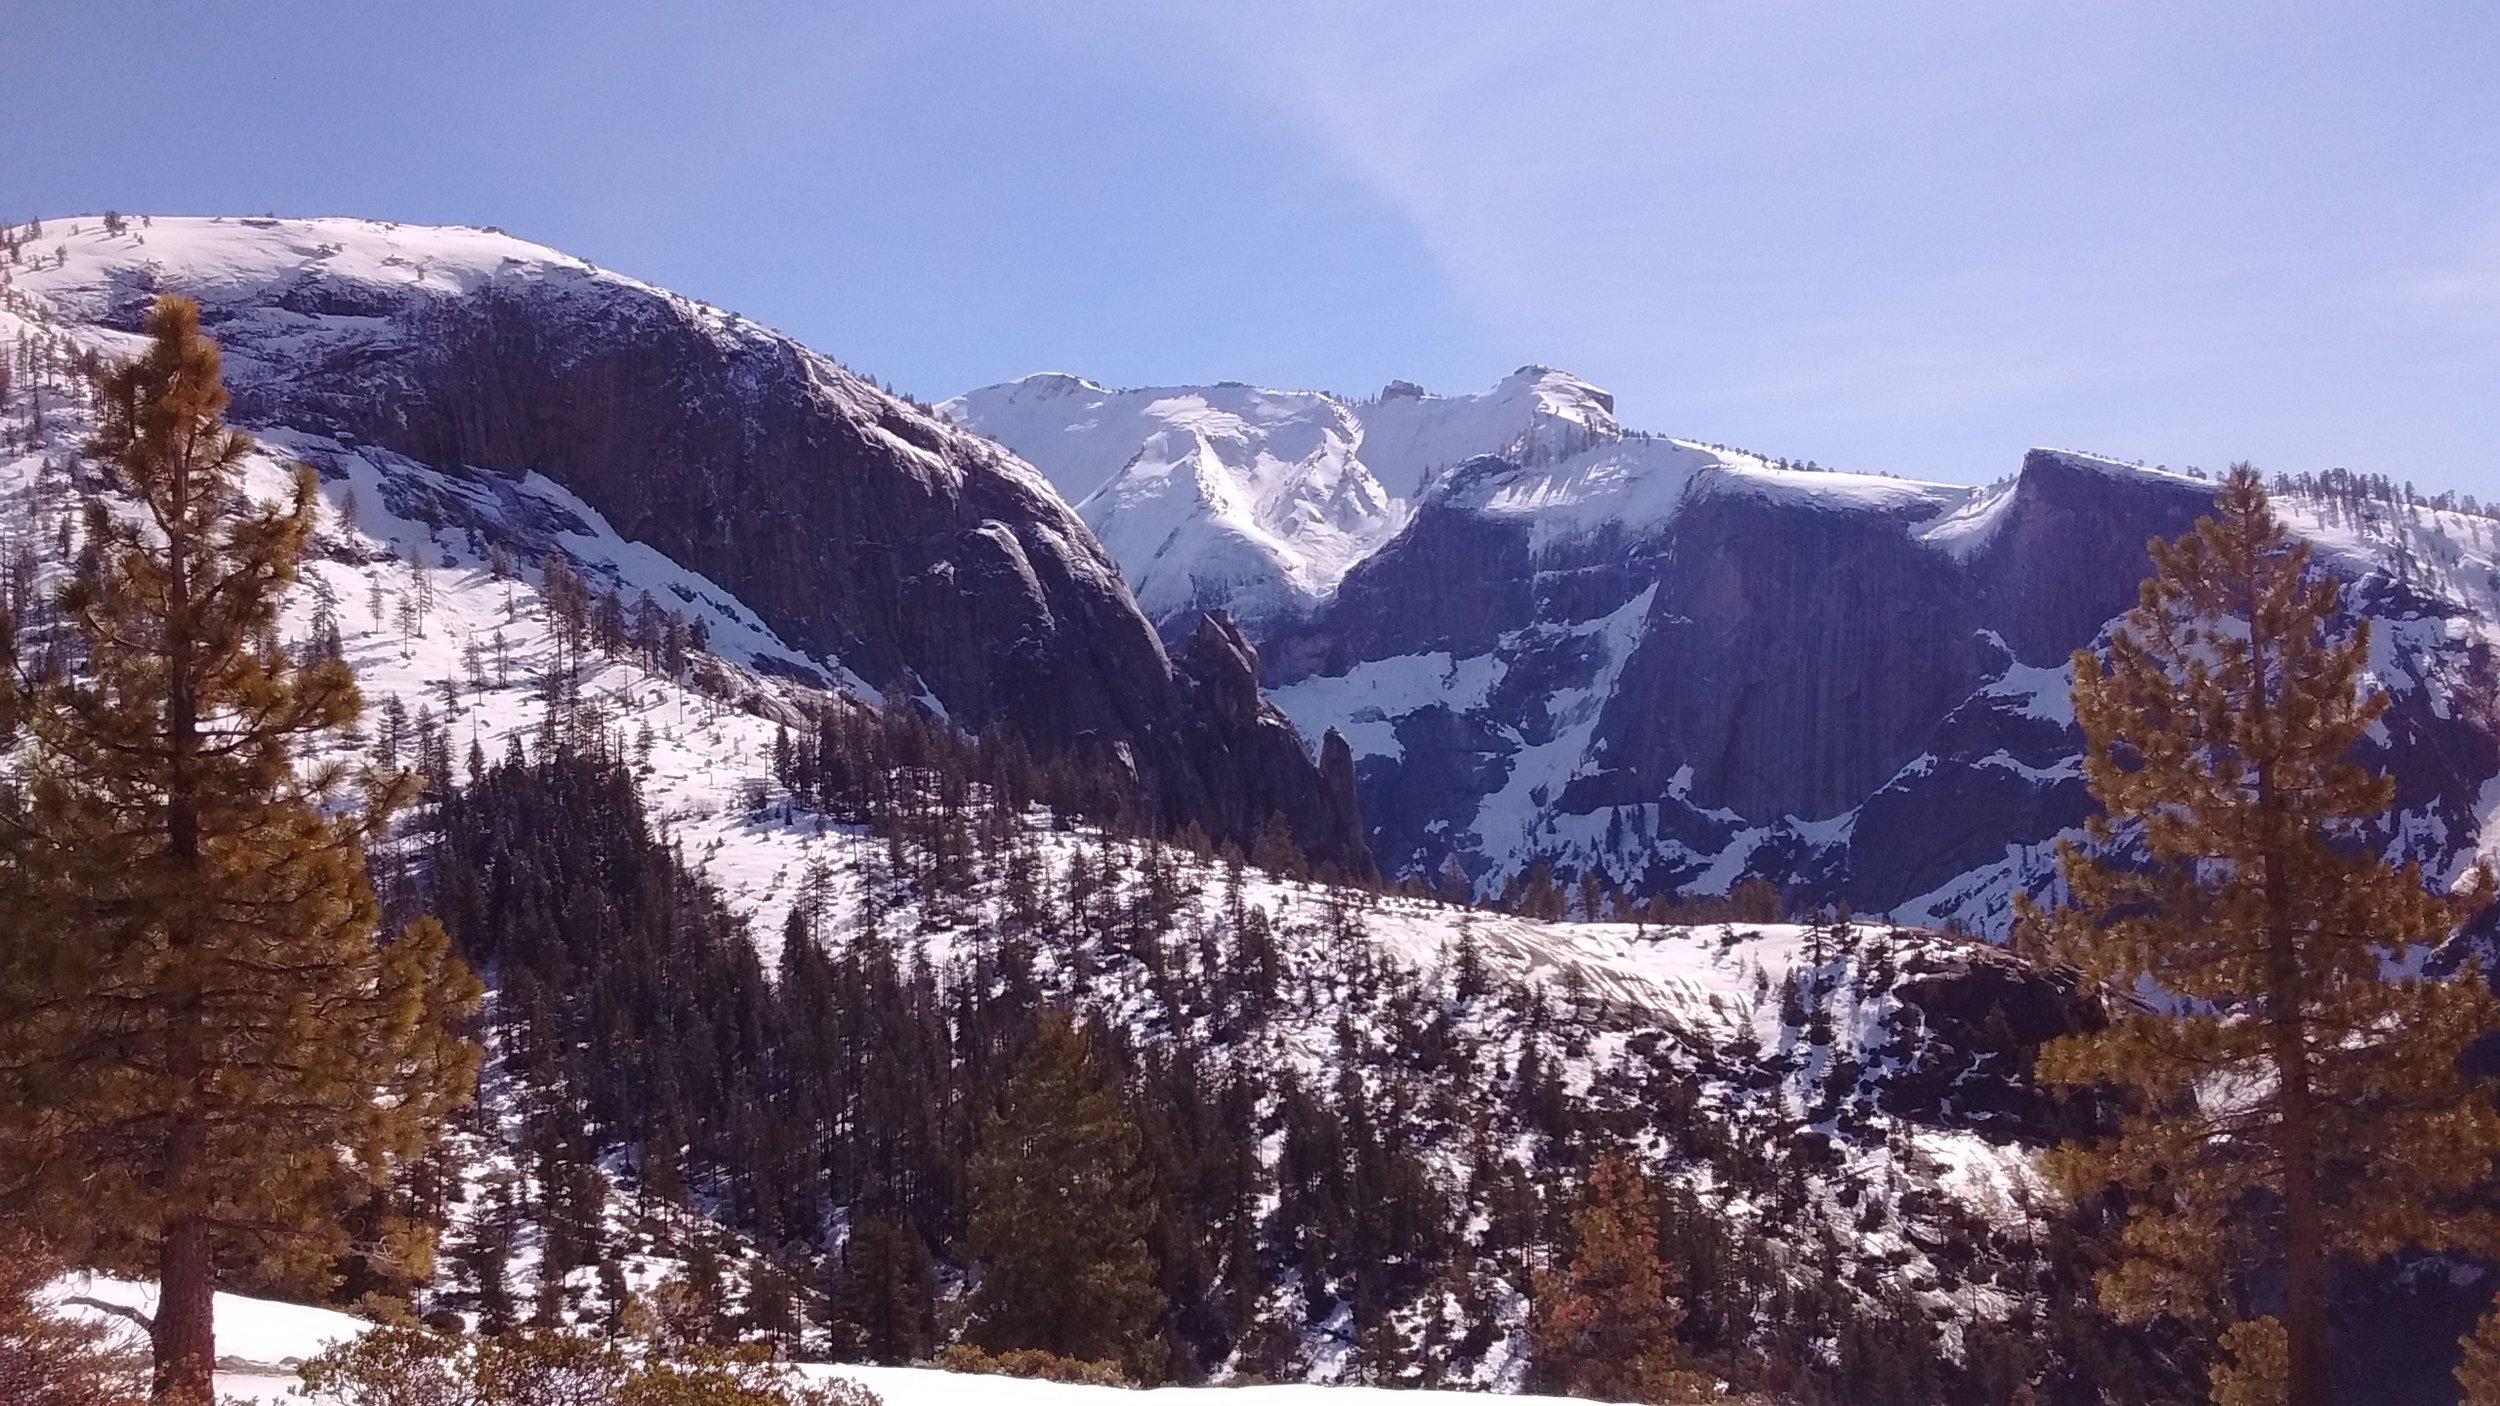 Snow filled Yosemite